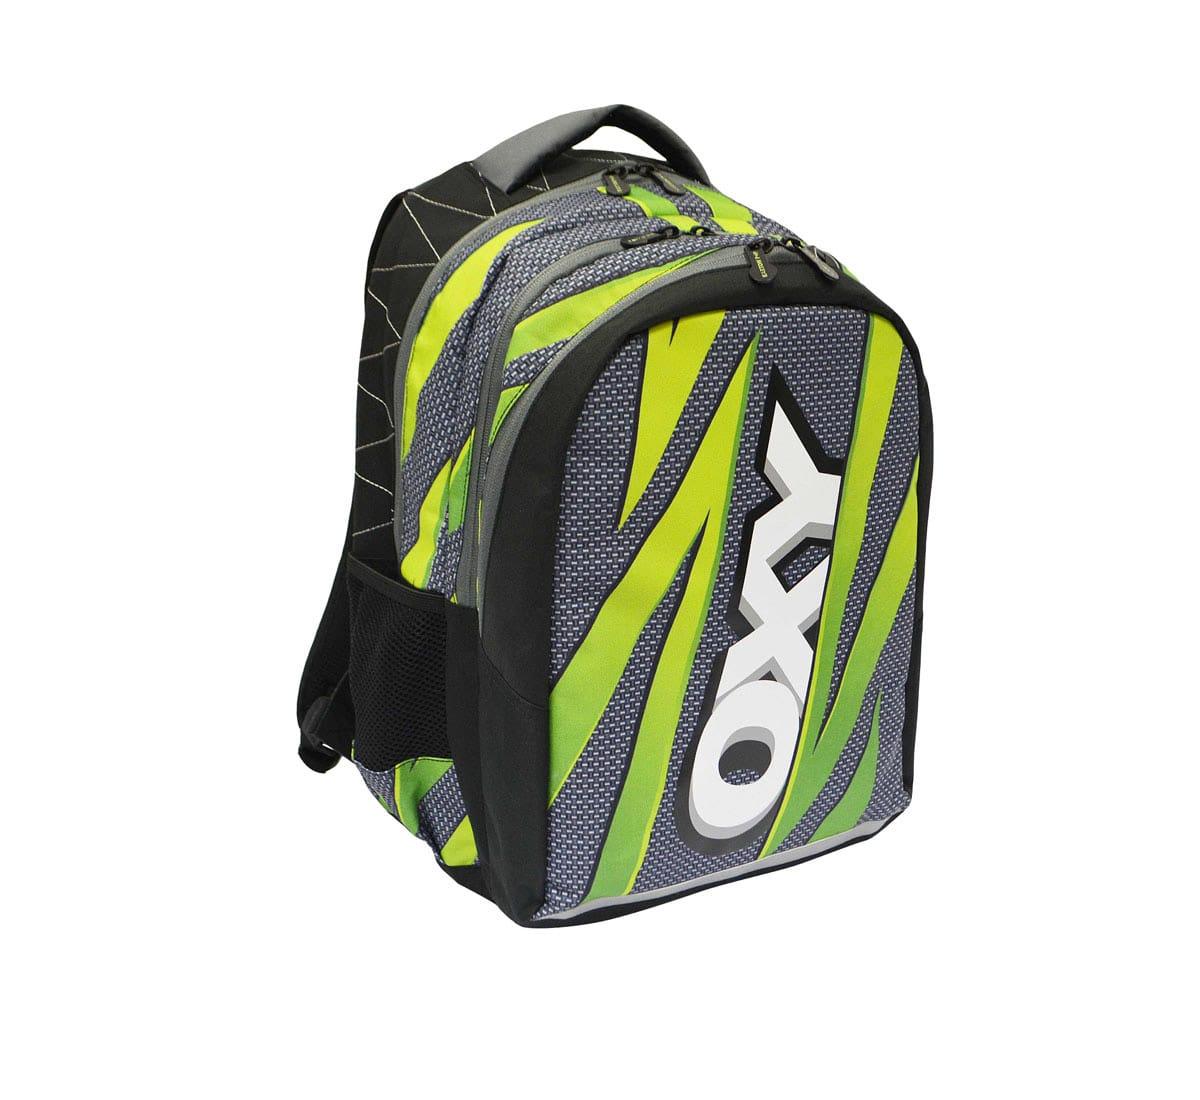 Student backpack OXY One Green - Školní potřeby » OXY STUDENTSKÉ ... 01796c54db